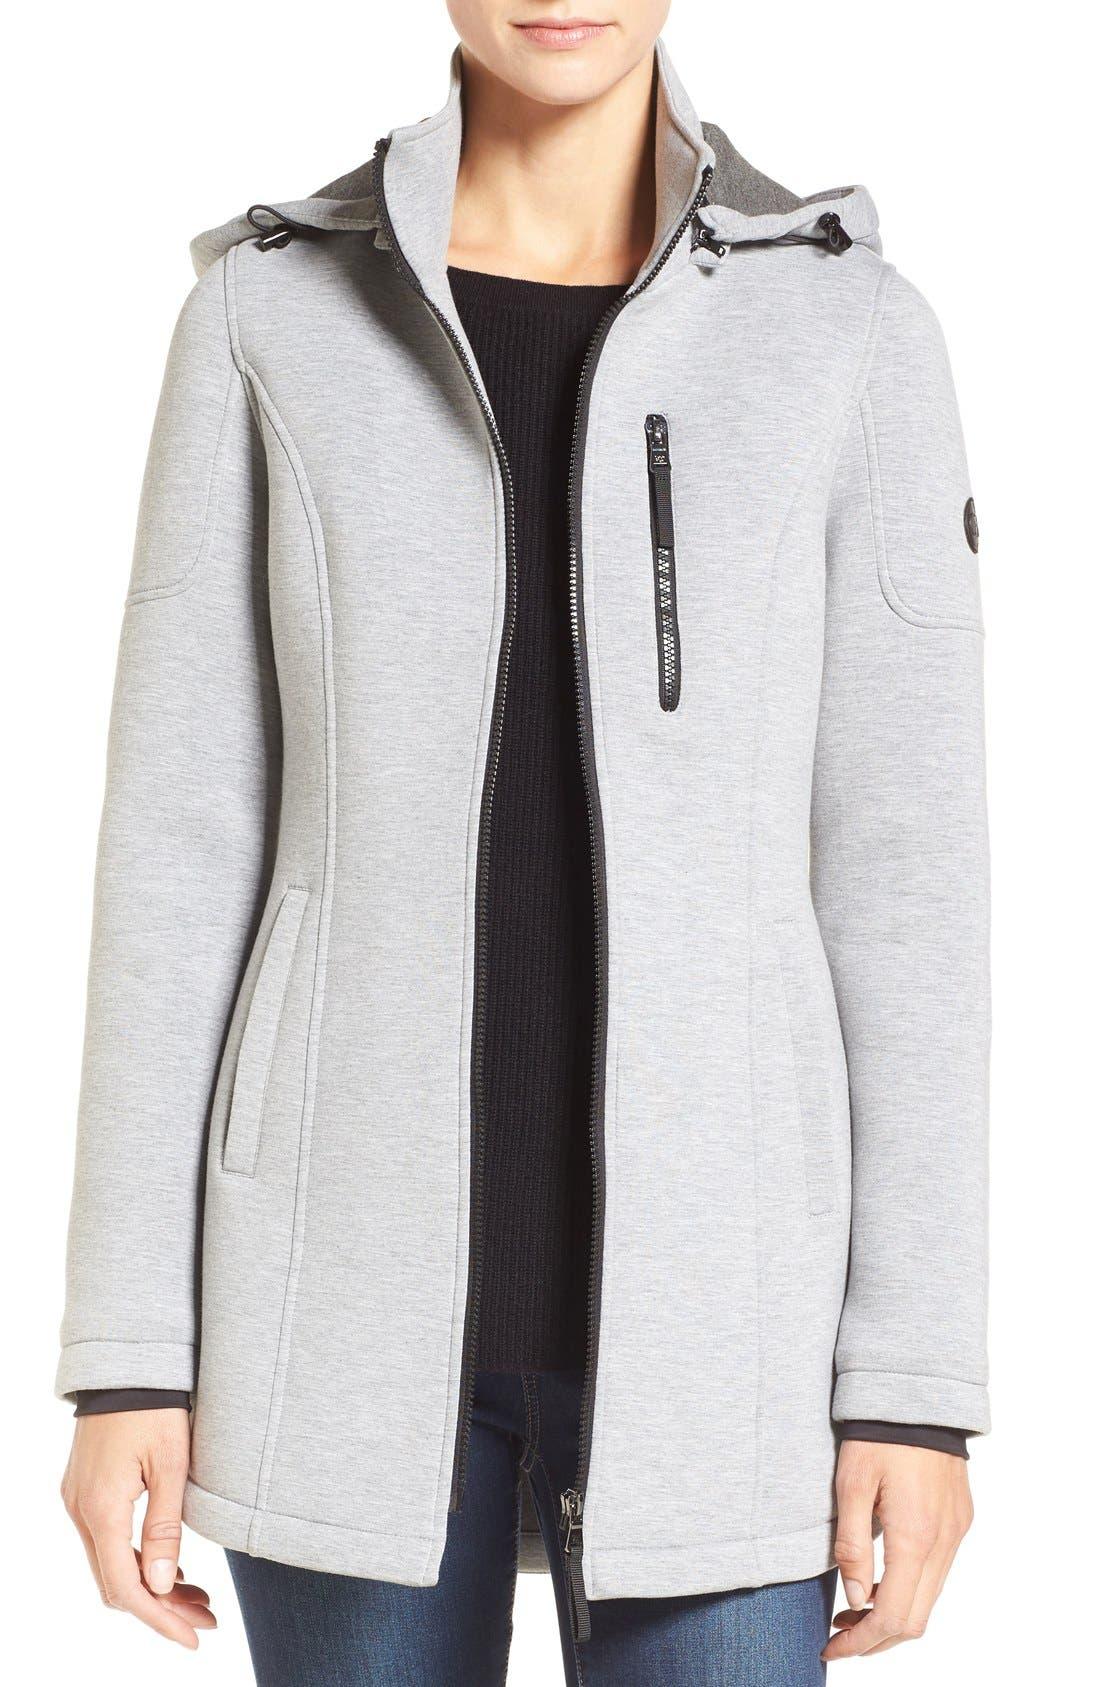 Scuba Jacket,                             Main thumbnail 1, color,                             033